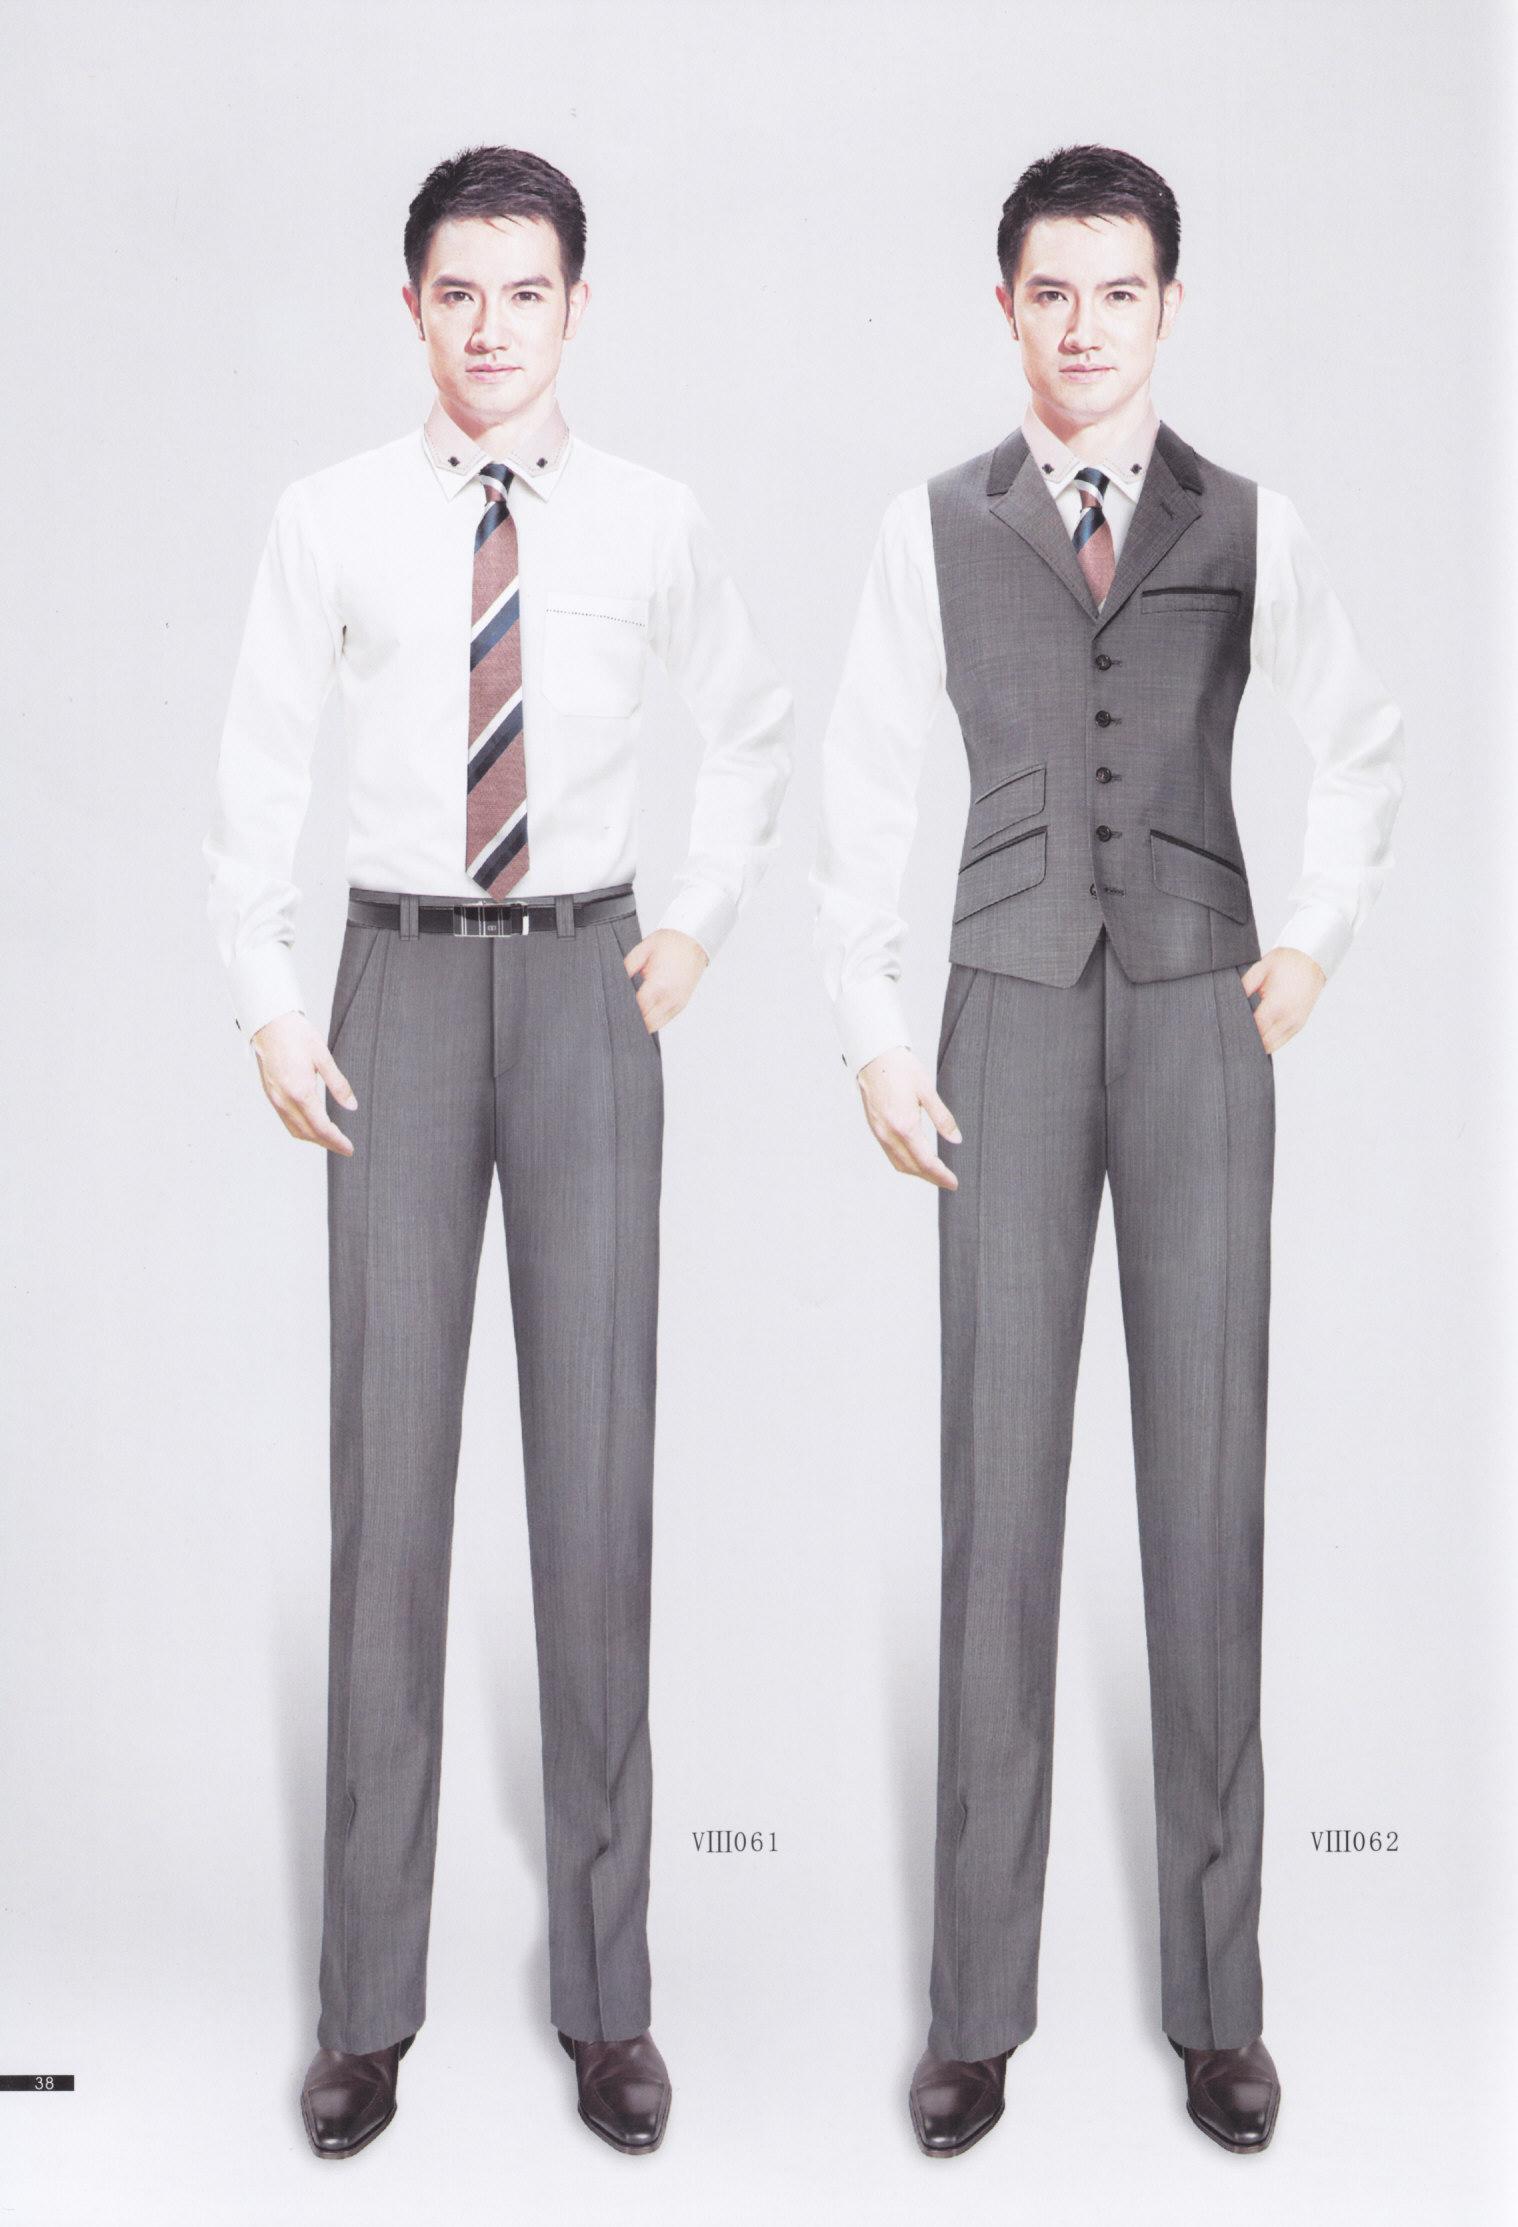 广汉衬衣|衬衫定制|广汉西服|西装定制推荐奕臣服饰